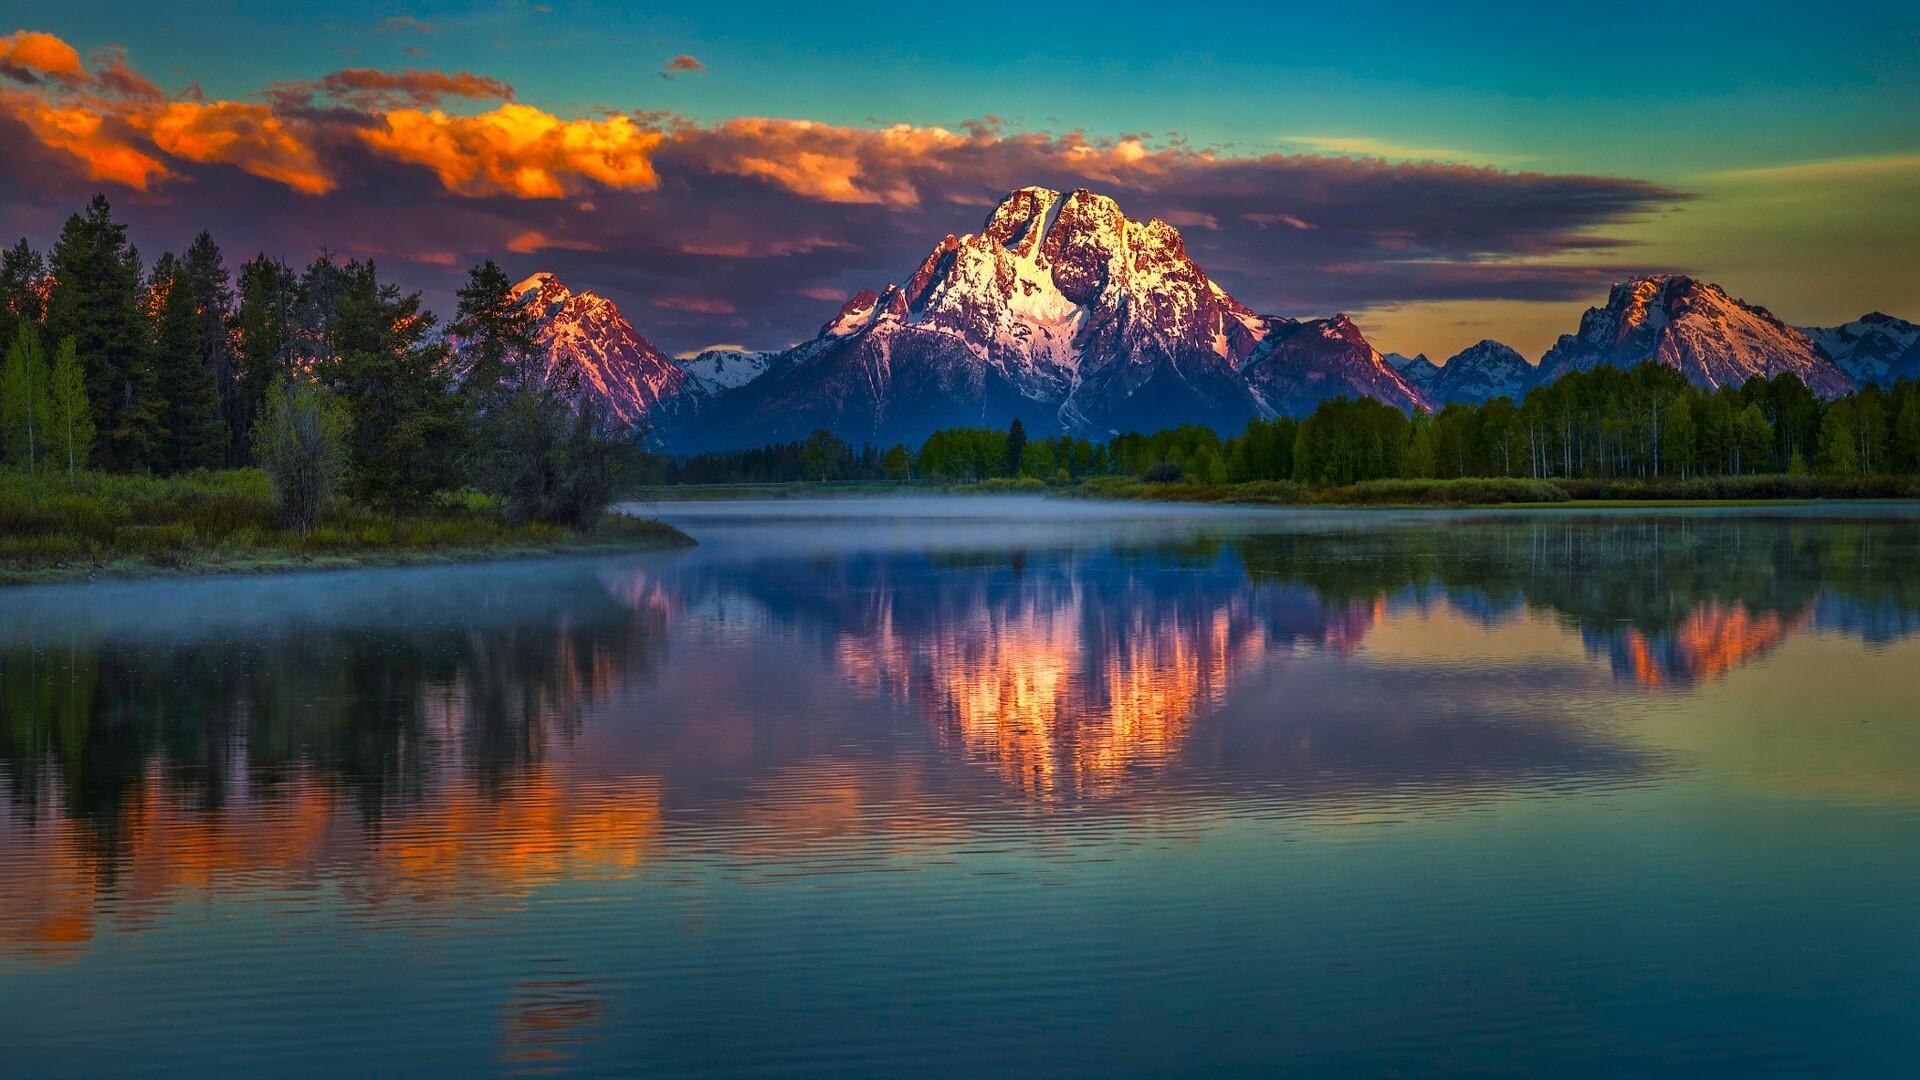 1920x1080 Beautiful Landscape 2 Laptop Full HD 1080P HD 4k ...